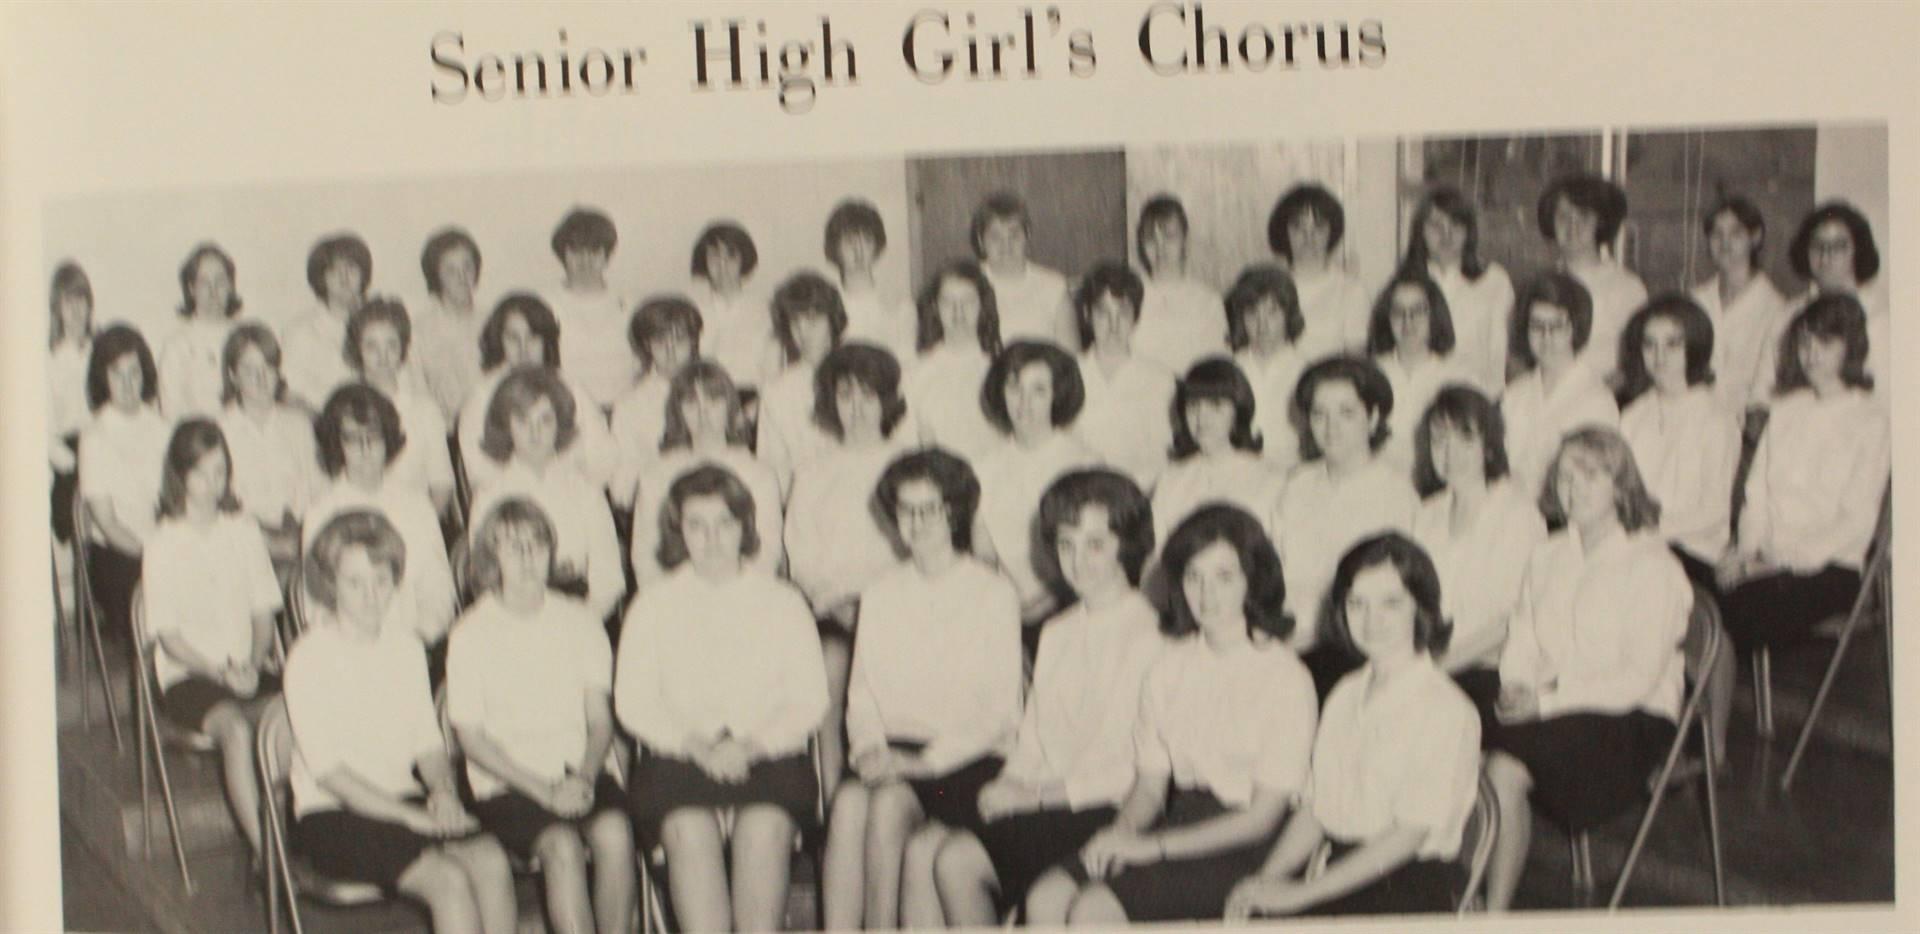 1967 Girl's Chorus